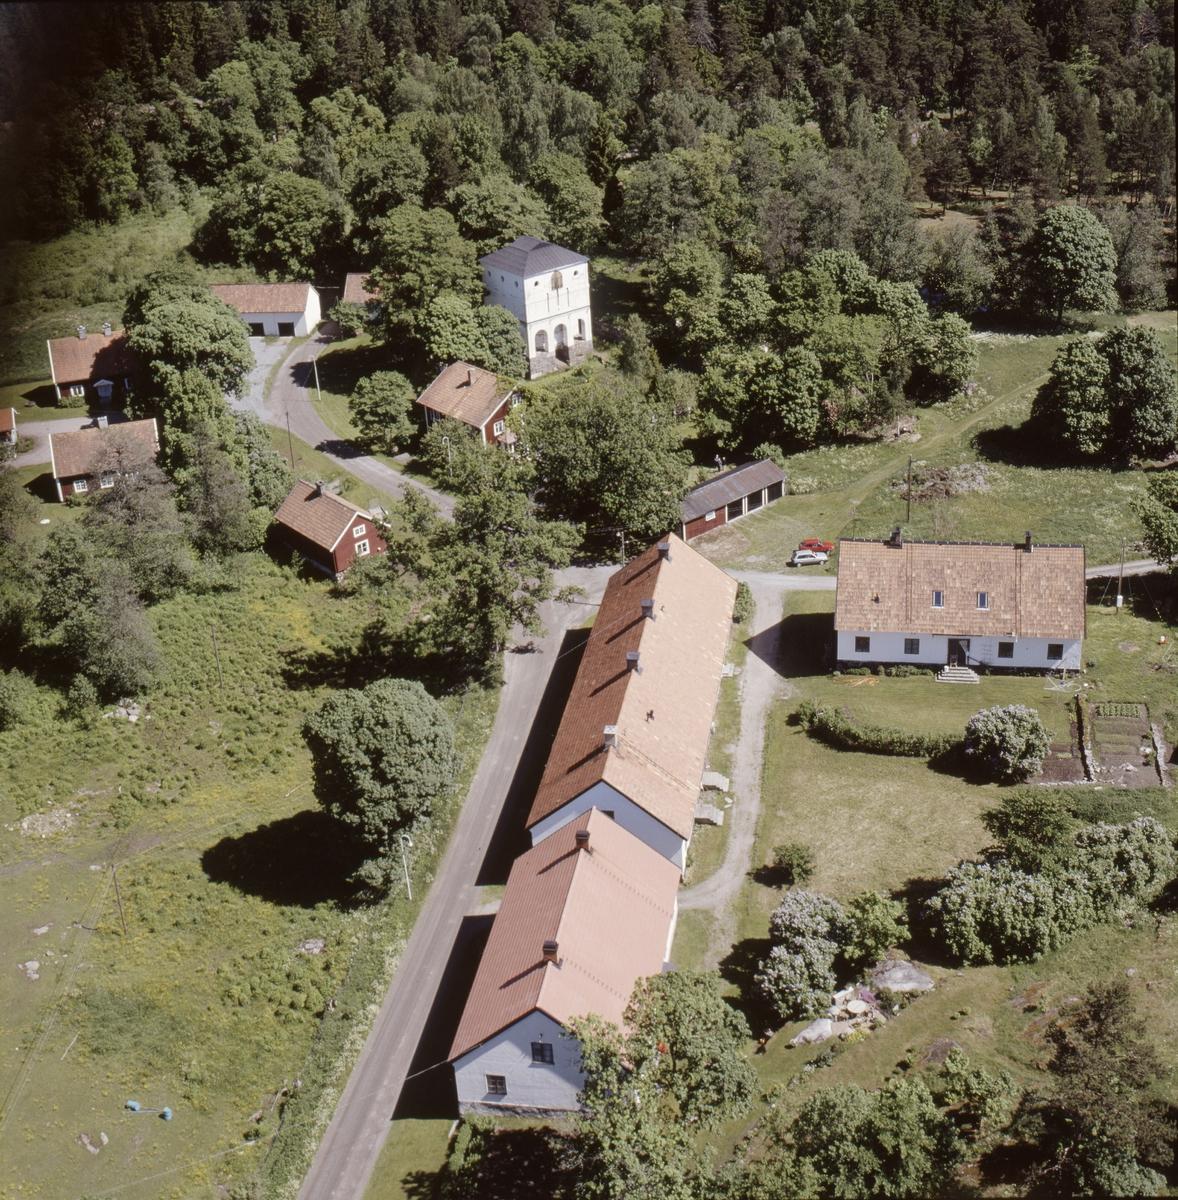 Vy över Vällnora bruk vid Norrsjön, Kuntby socken, Uppland, juni 1989